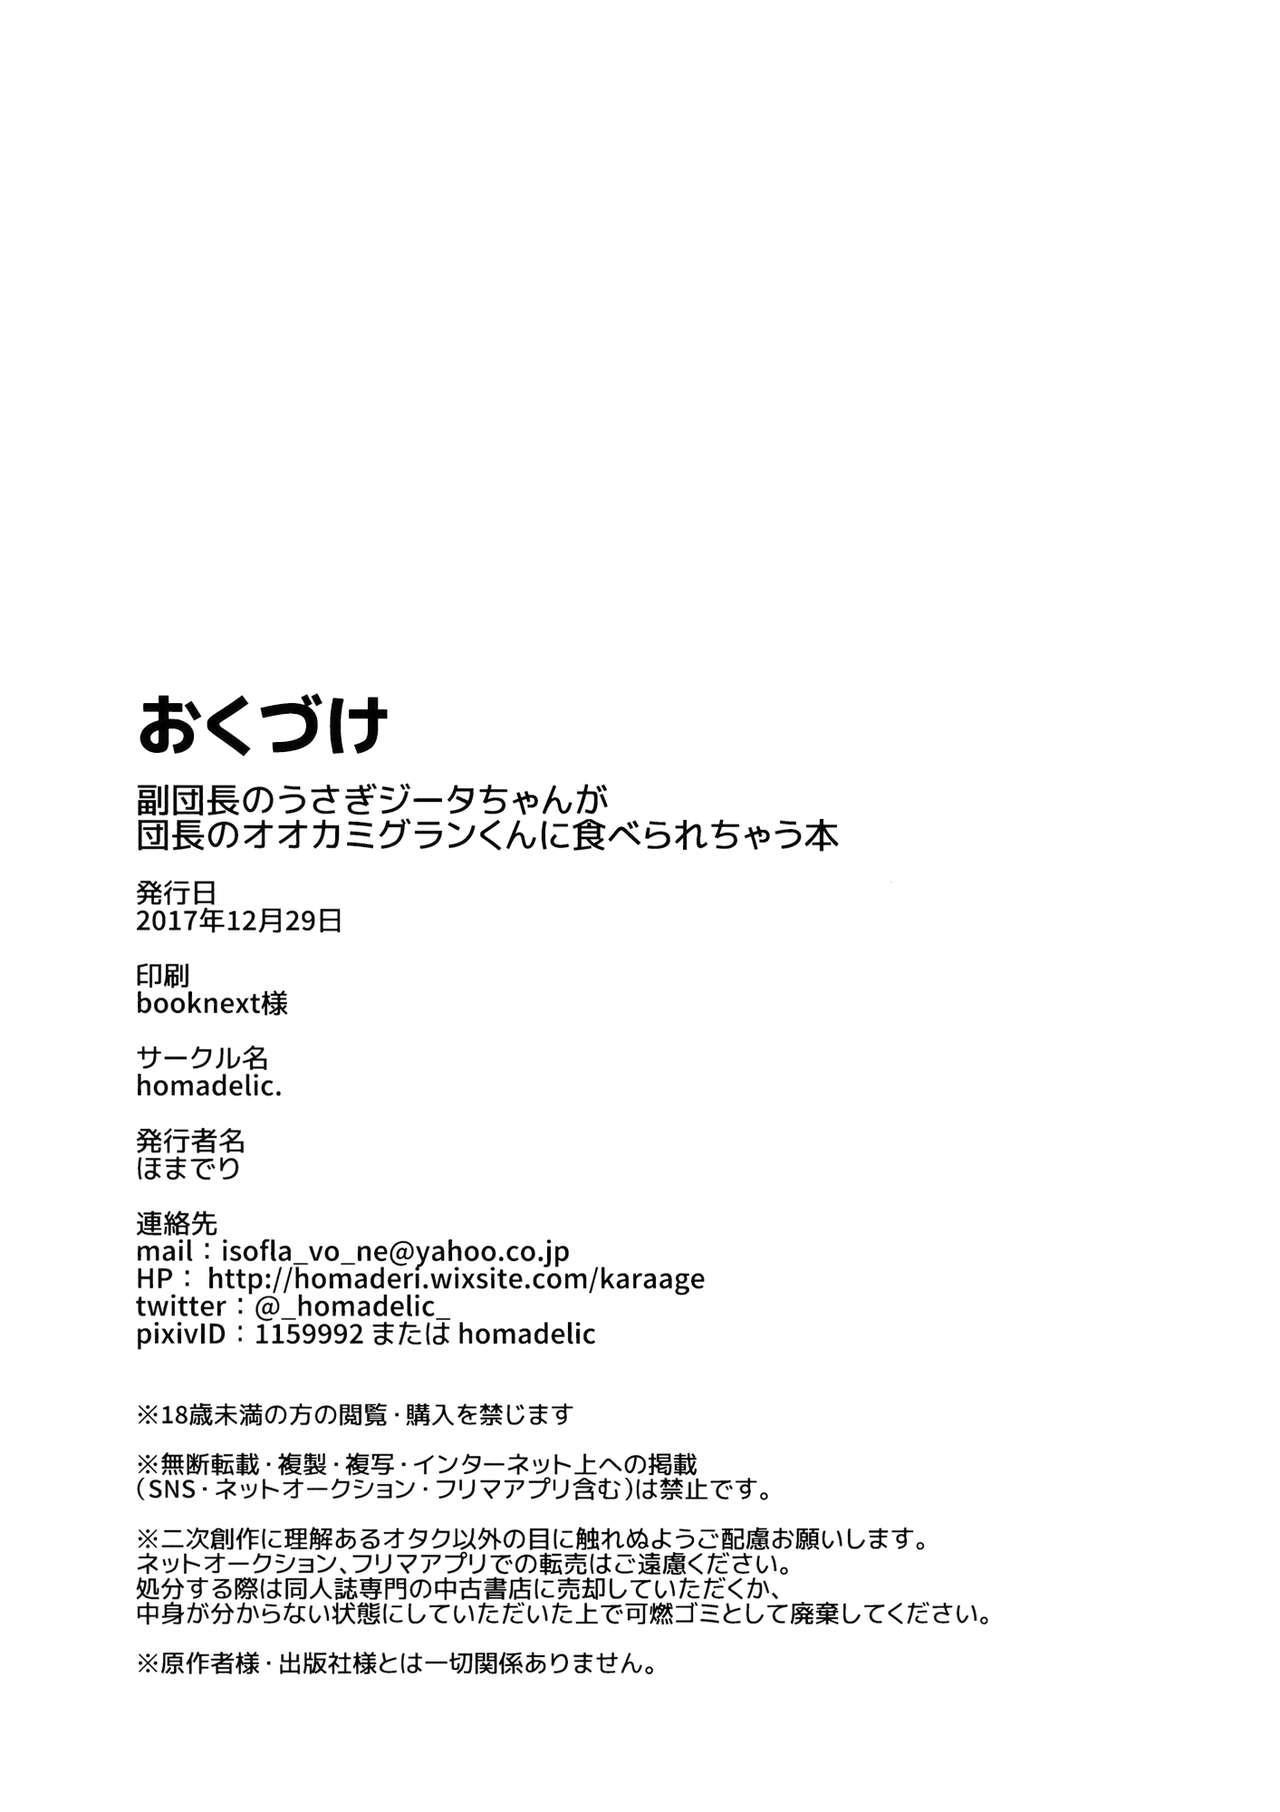 (C93) [homadelic. (Homaderi)] Fukudanchou no Usagi Djeeta-chan ga Danchou no Ookami Gran-kun ni Taberarechau Hon (Granblue Fantasy) [Chinese] [無邪気漢化組] 32